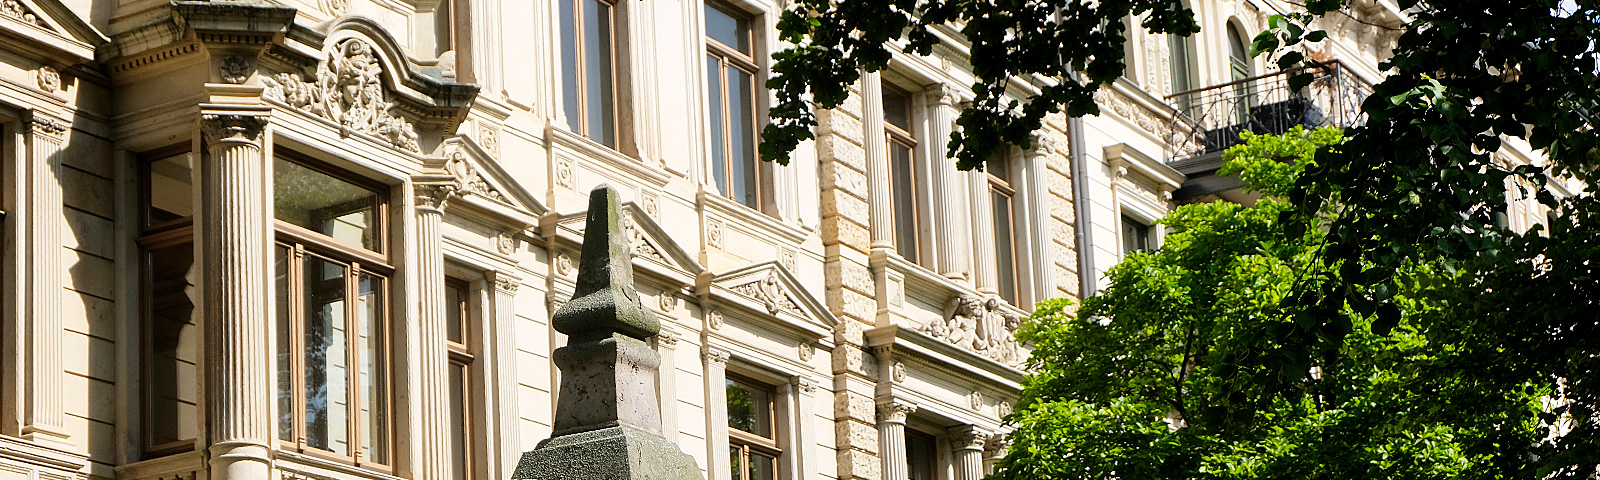 VDL Immobilien – Immobilienankauf und -verkauf, Projektentwicklung, Vermietung und Verwaltung